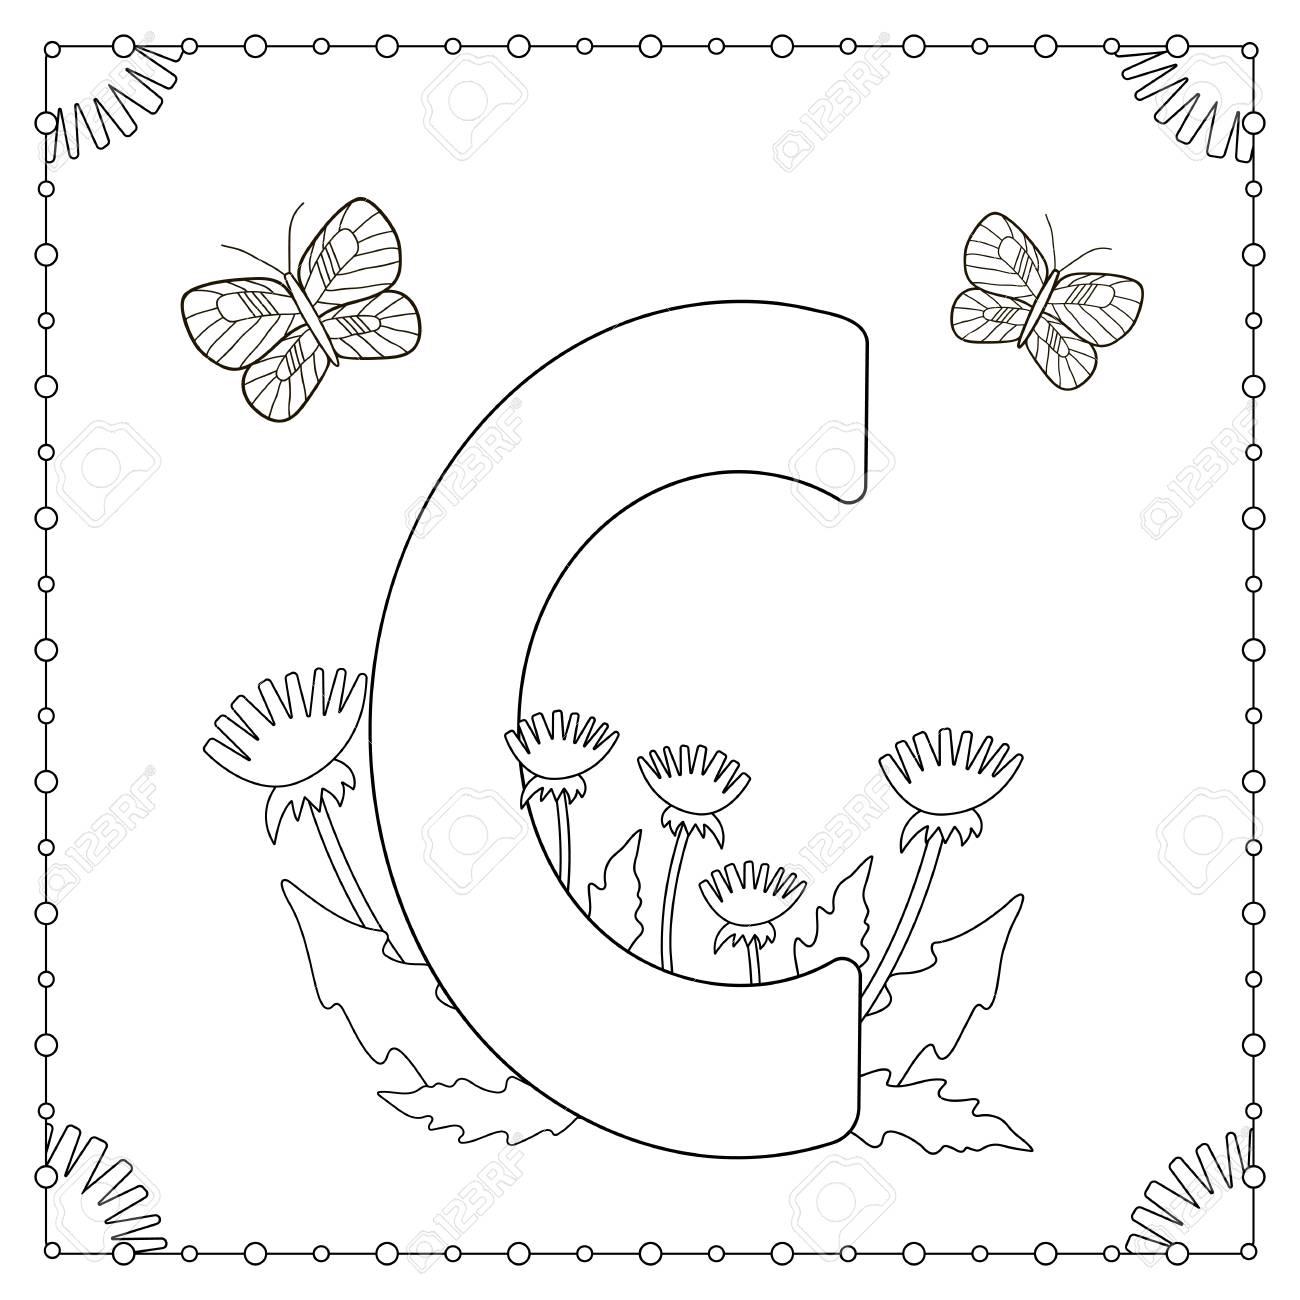 Alphabet Ausmalbilder Großbuchstabe C Mit Blumen Blättern Und